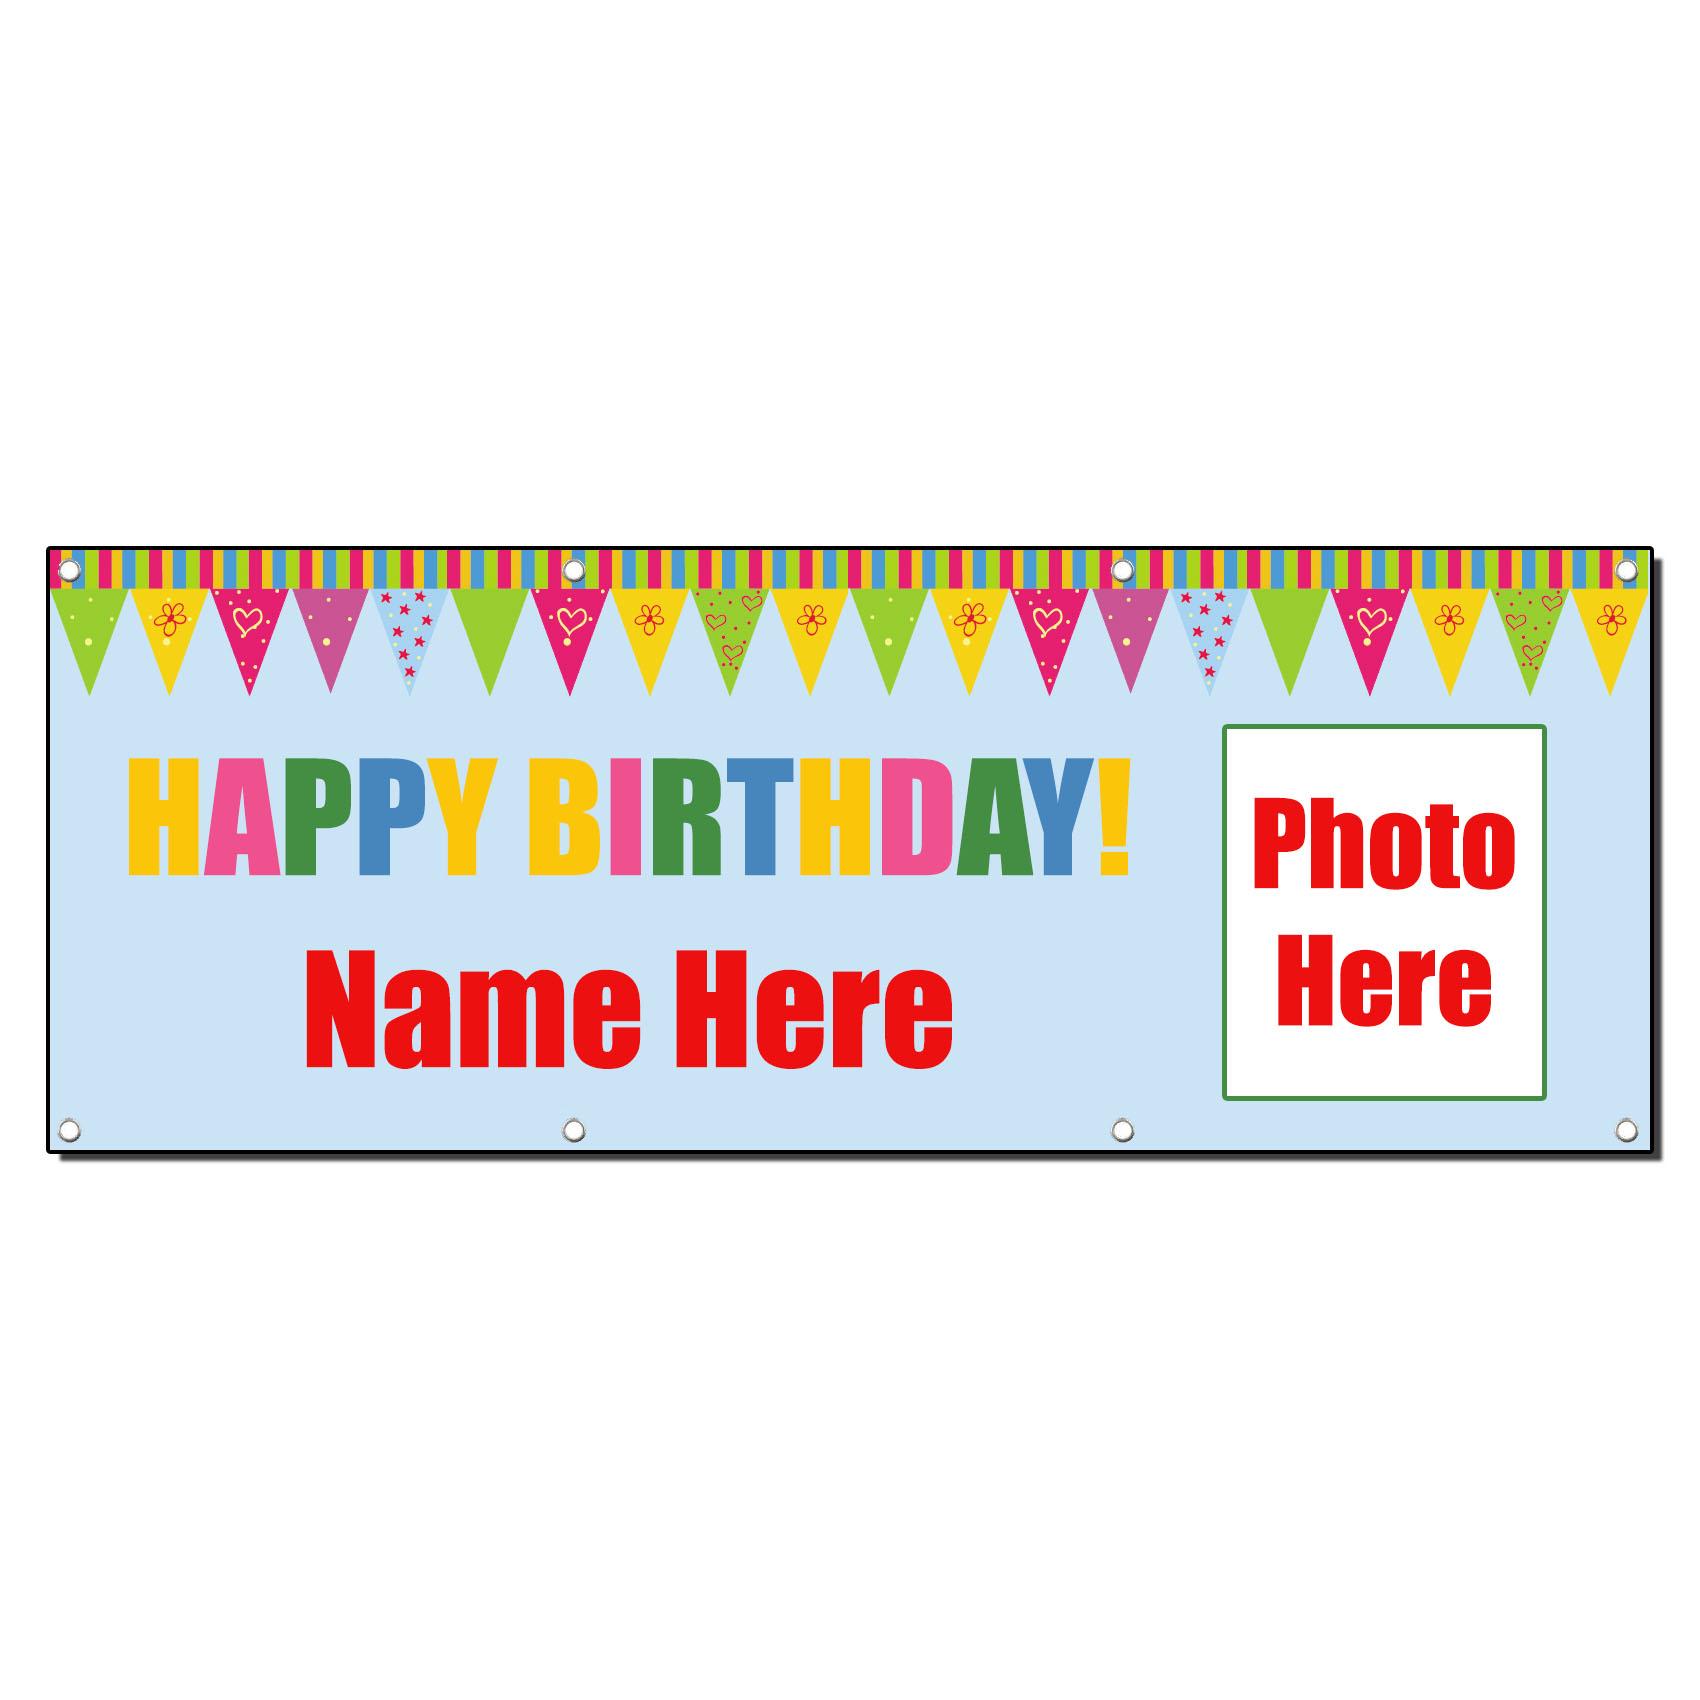 HAPPY BIRTHDAY CUSTOM PHOTO 13oz Vinyl Banner Sign